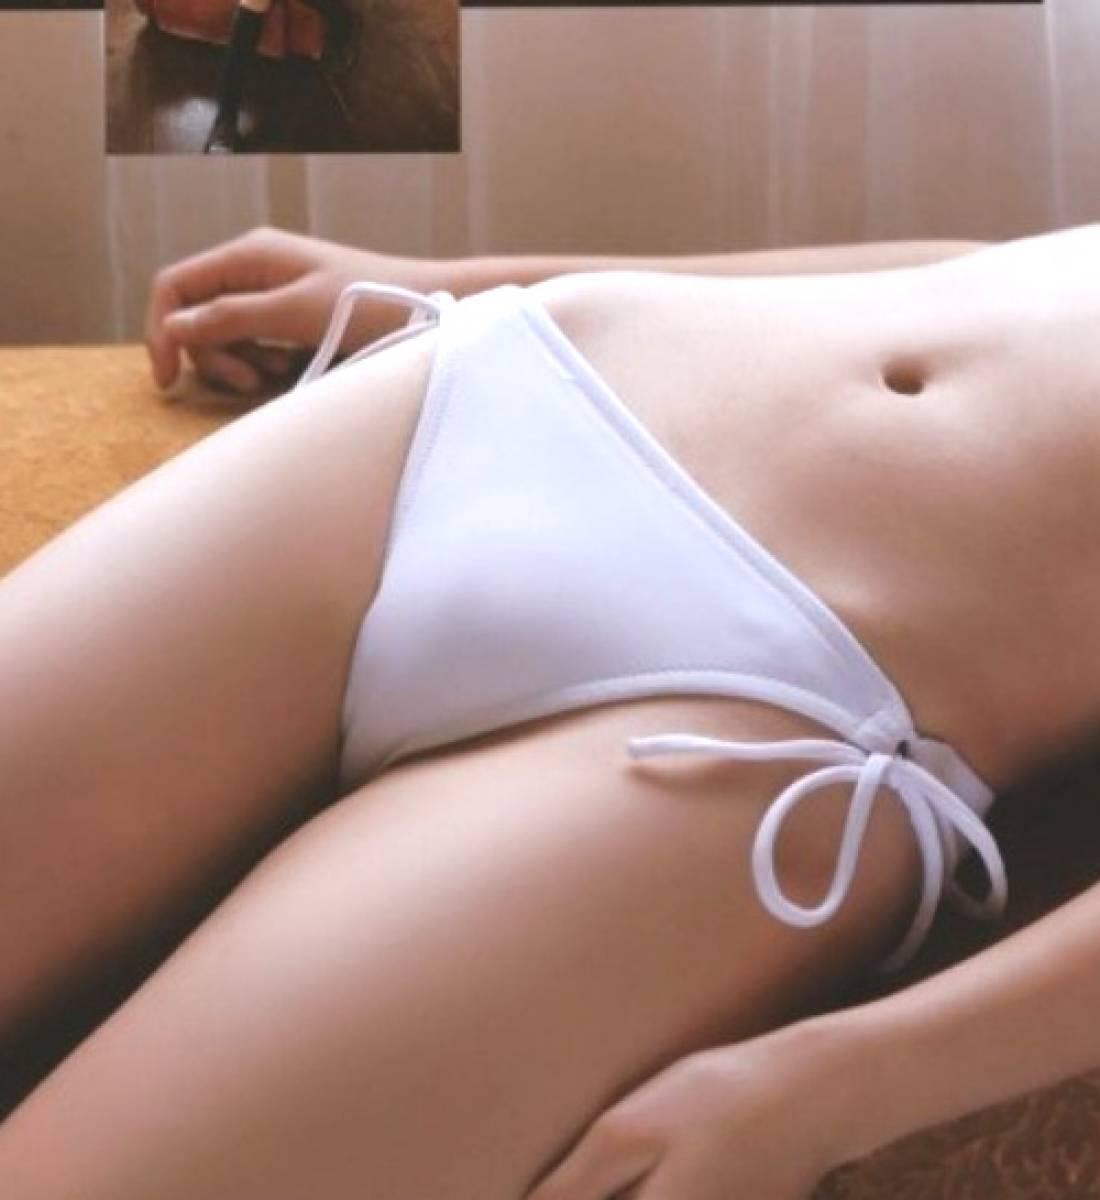 【股間エロ画像】盛ってる上にスジまで…実に女らしくて顔を埋めたくなる股間接写(*´д`*)